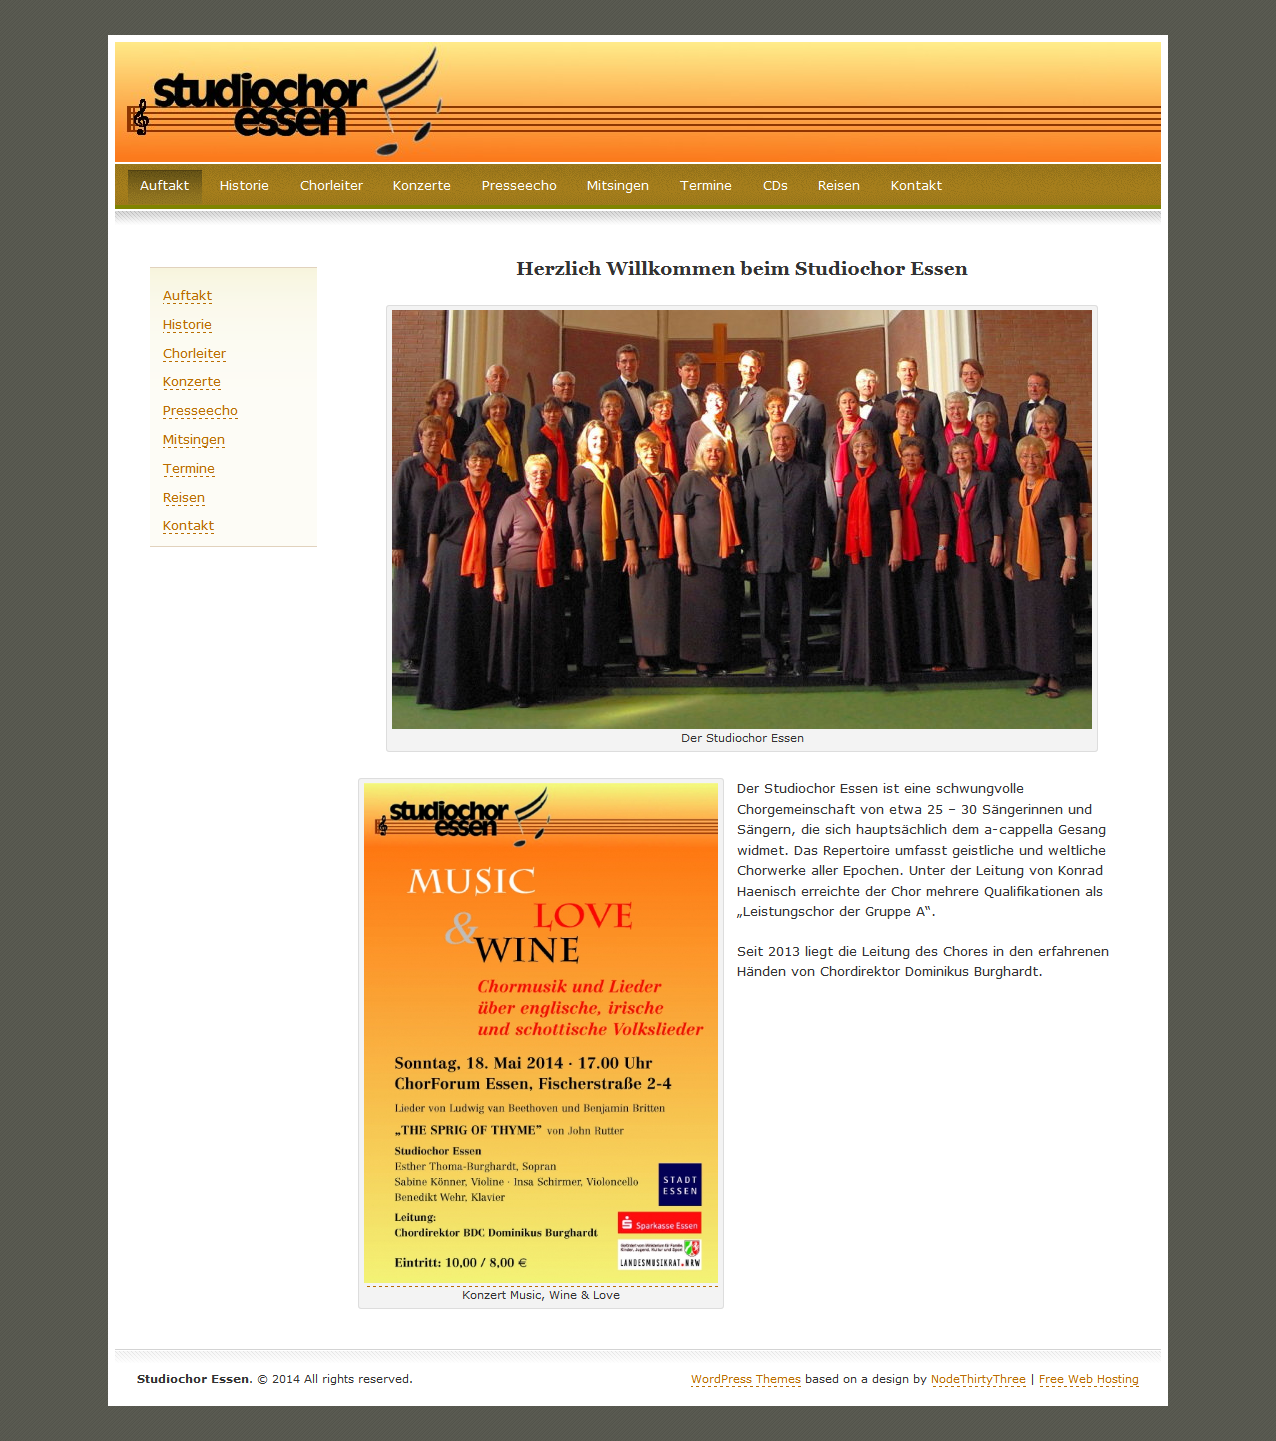 Das Design unserer Homepage wie es zuletzt bestand (2008 bis 20014)